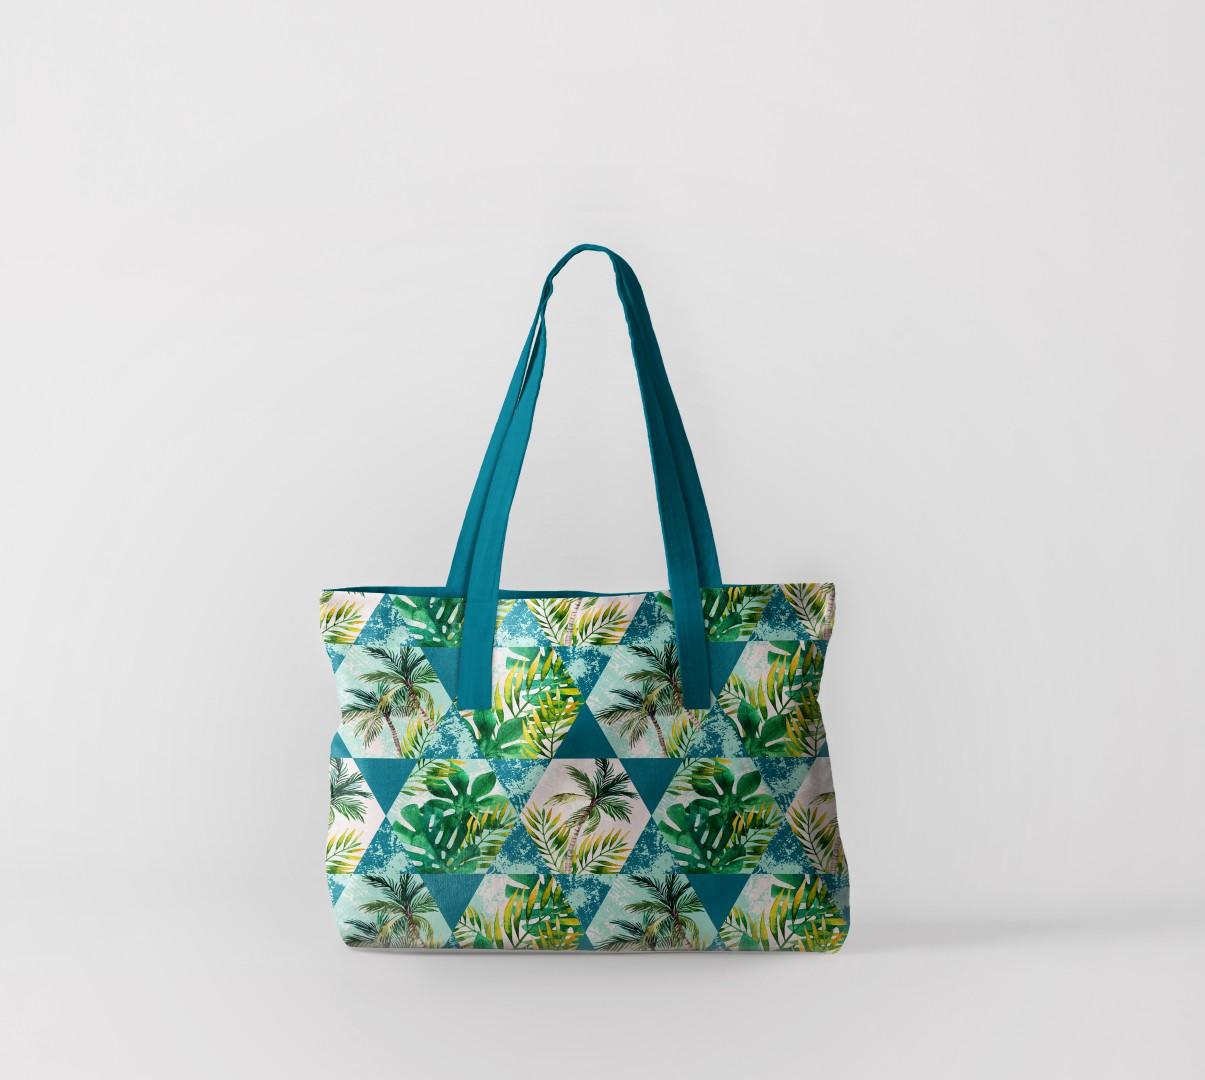 Пляжная сумка Флора тропиков 3 (50х40 см) Олимп Текстиль oli732603